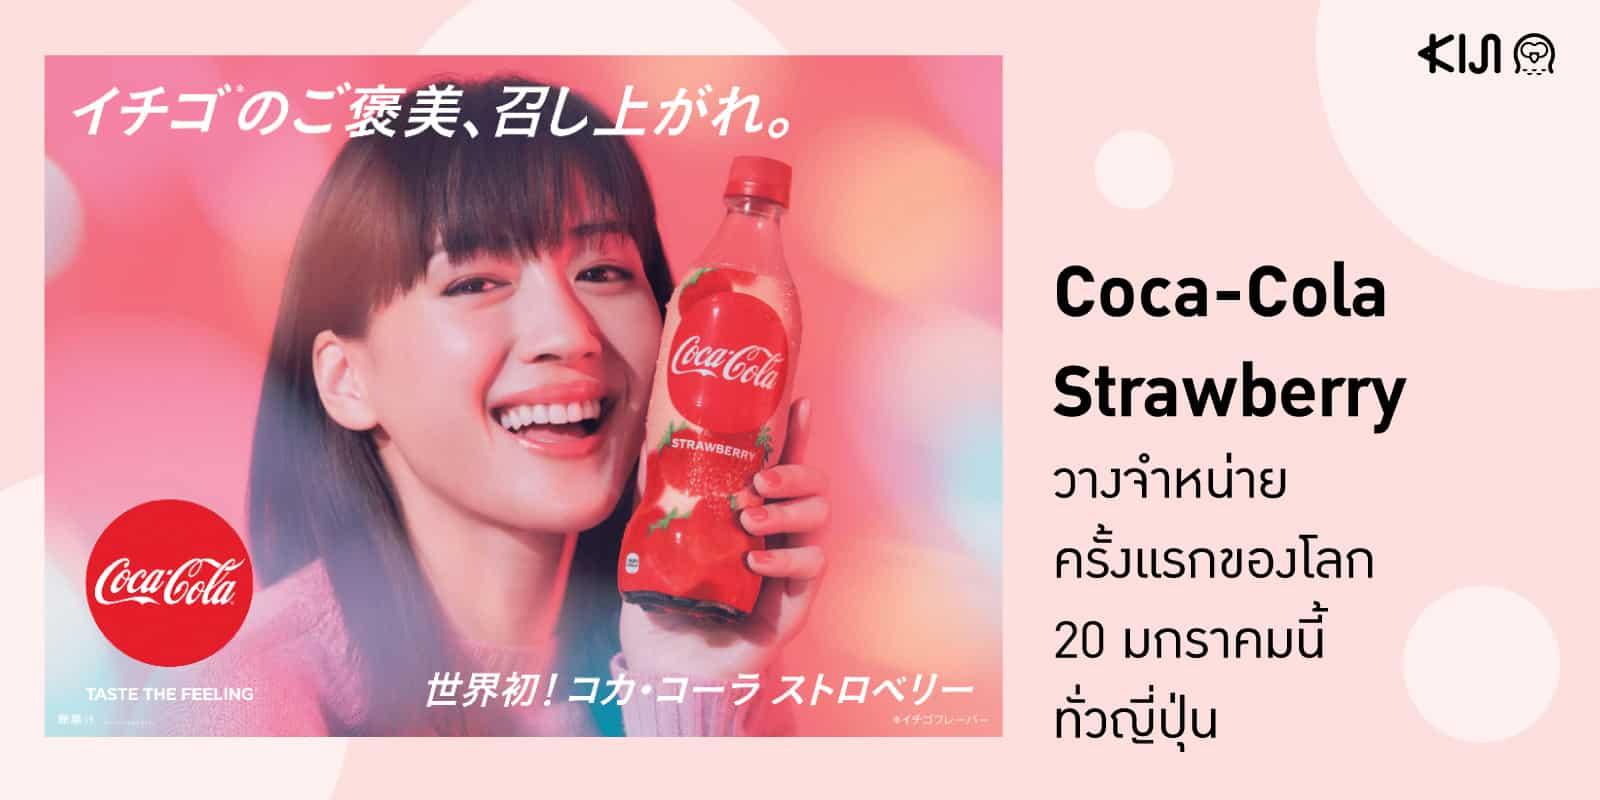 Coca-Cola Strawberry โคคา-โคล่า รสสตรอว์เบอร์รี